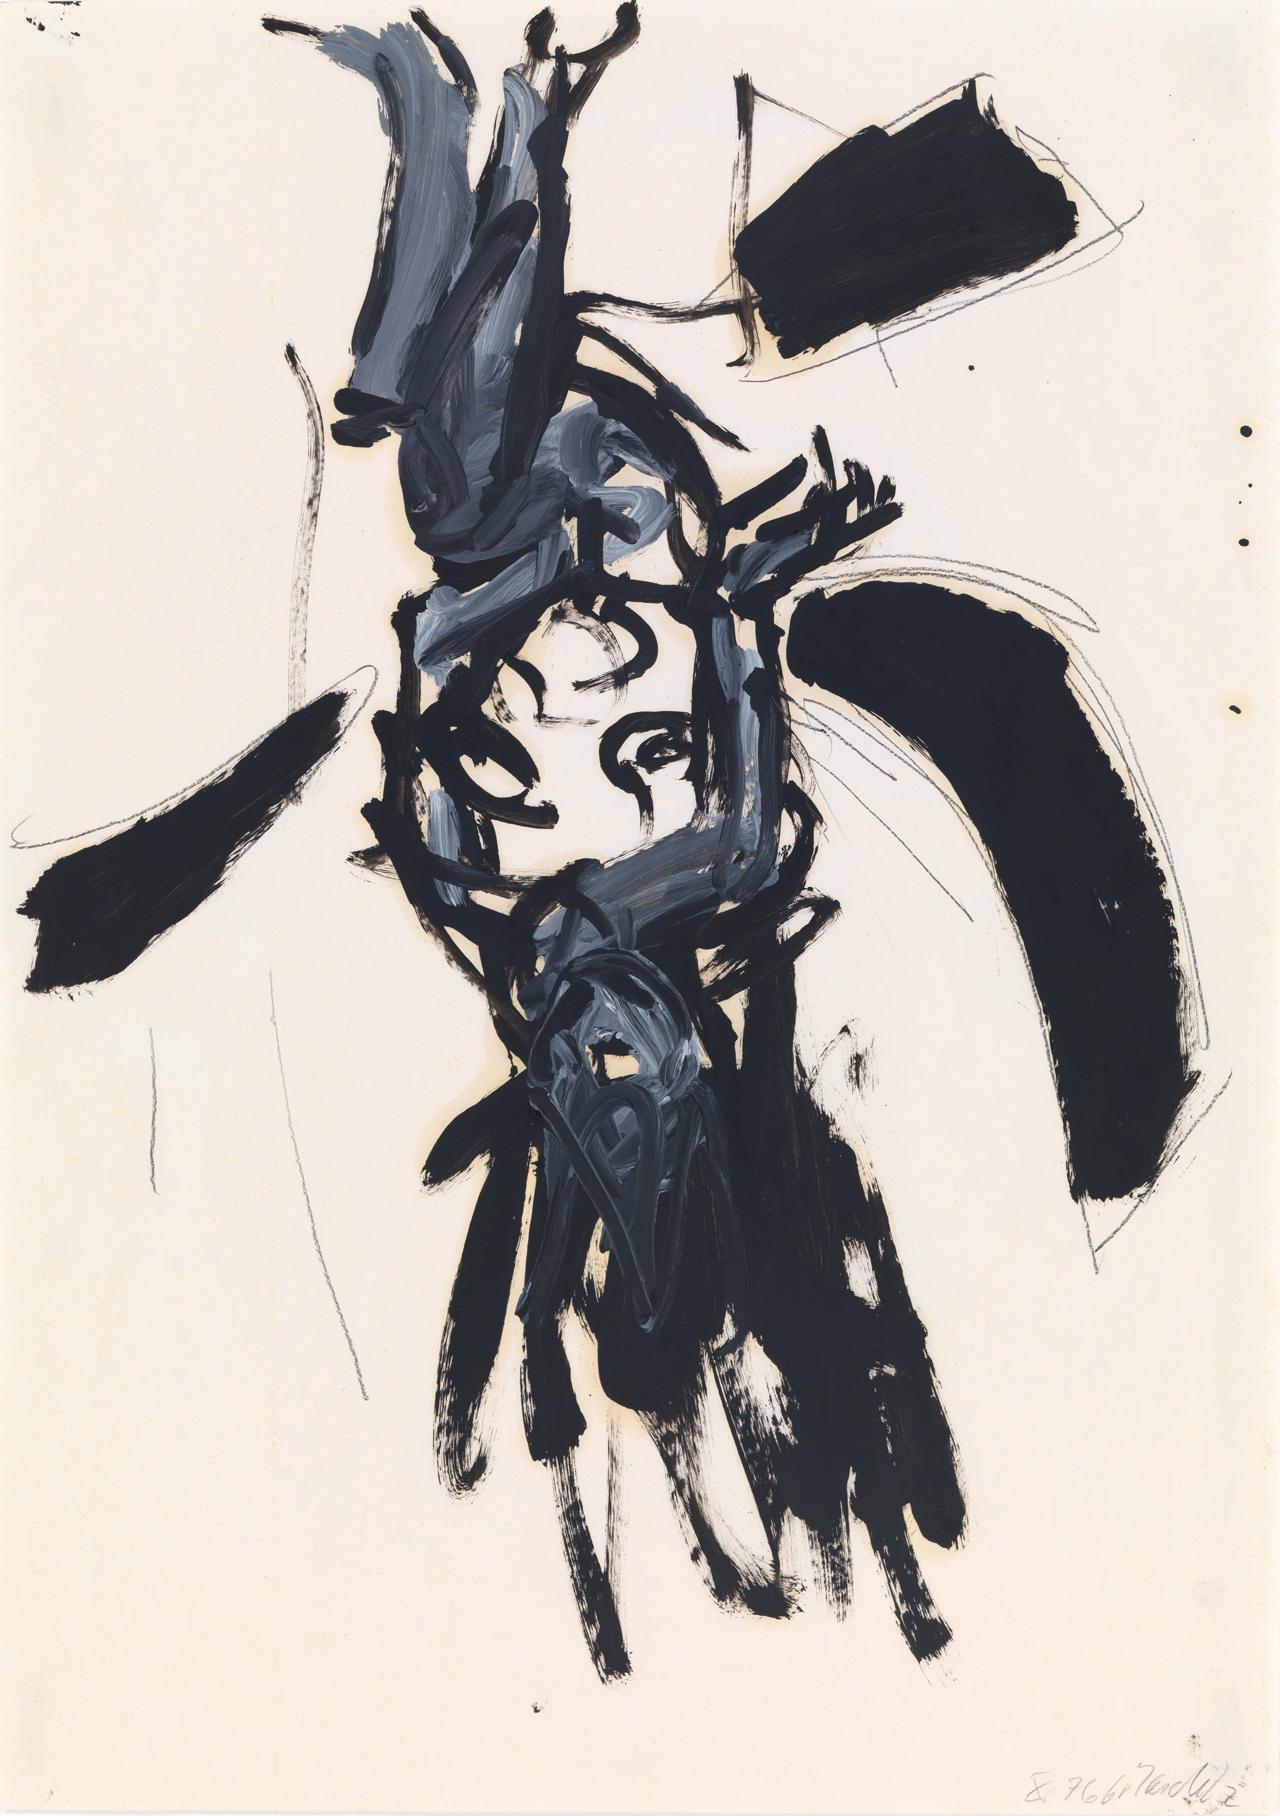 Georg Baselitz, Ohne Titel (Sitzender weiblicher Akt), 1976, Öl und Bleistift auf Papier, 70 x 50 cm